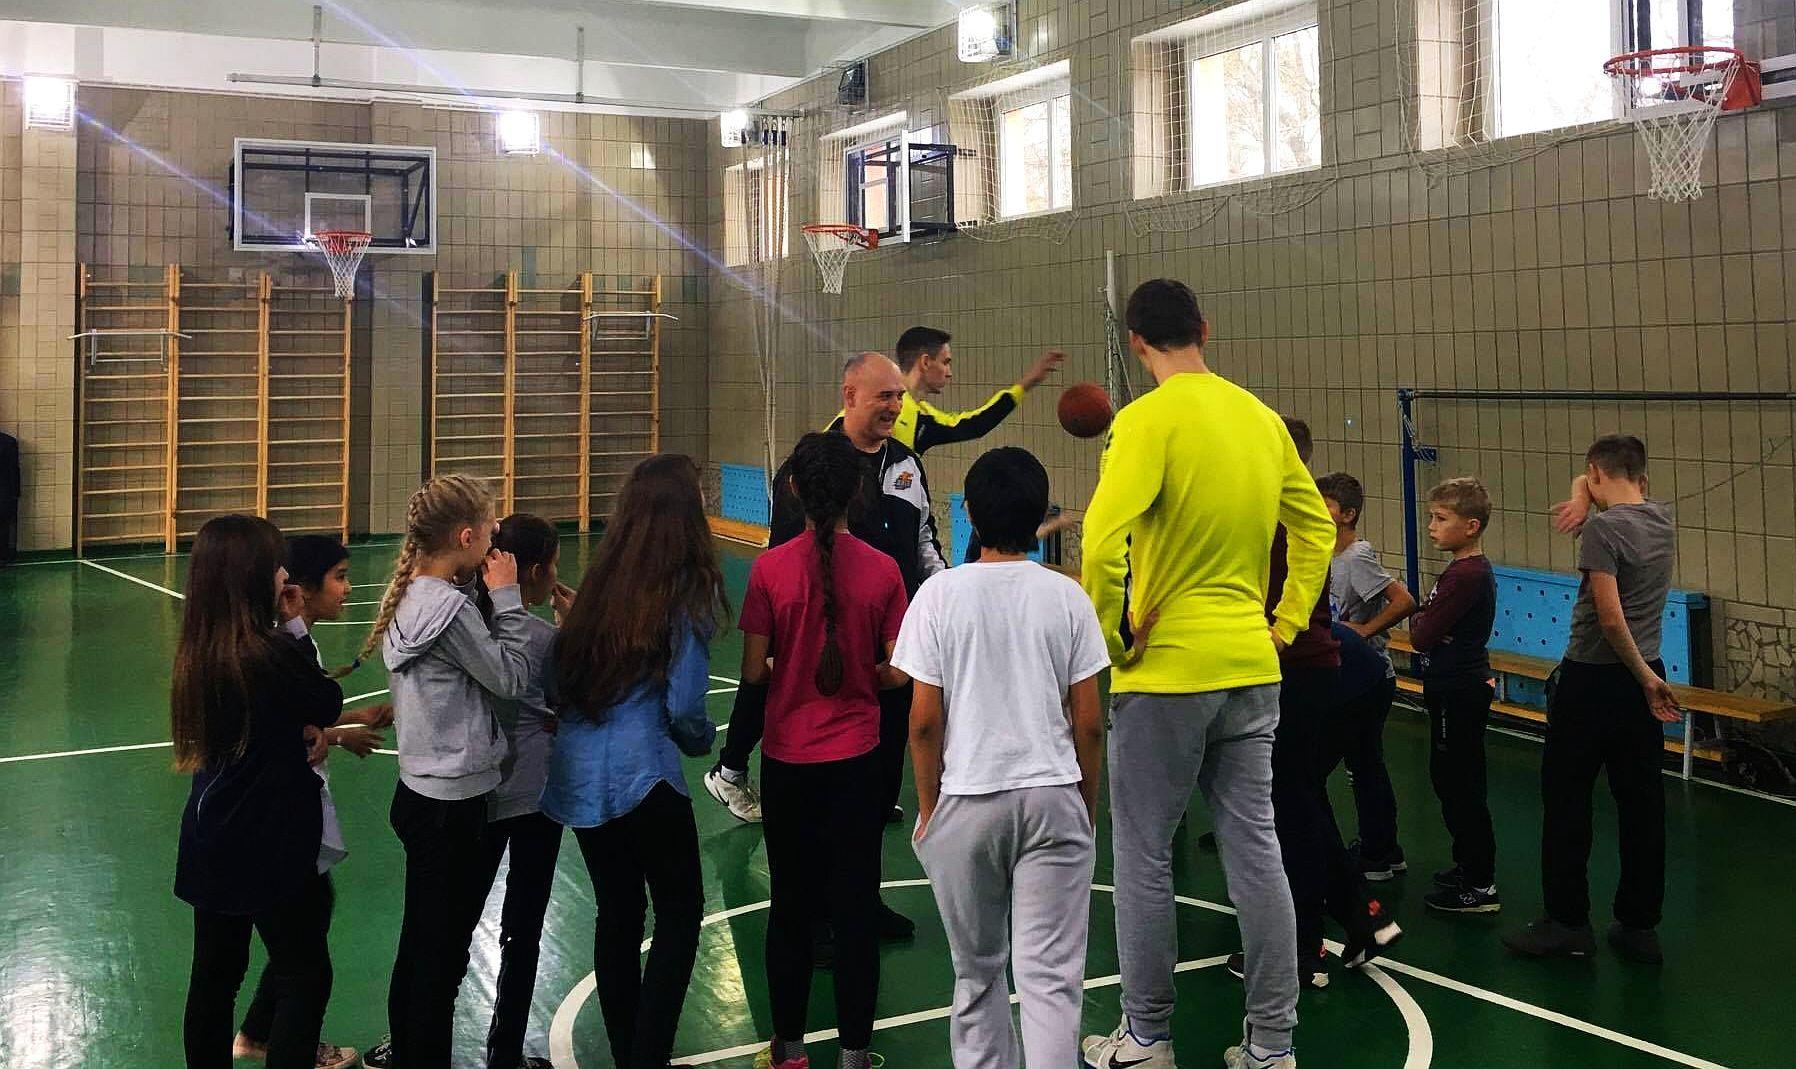 Київ-Баскет: веселий баскетбольний рейд триває